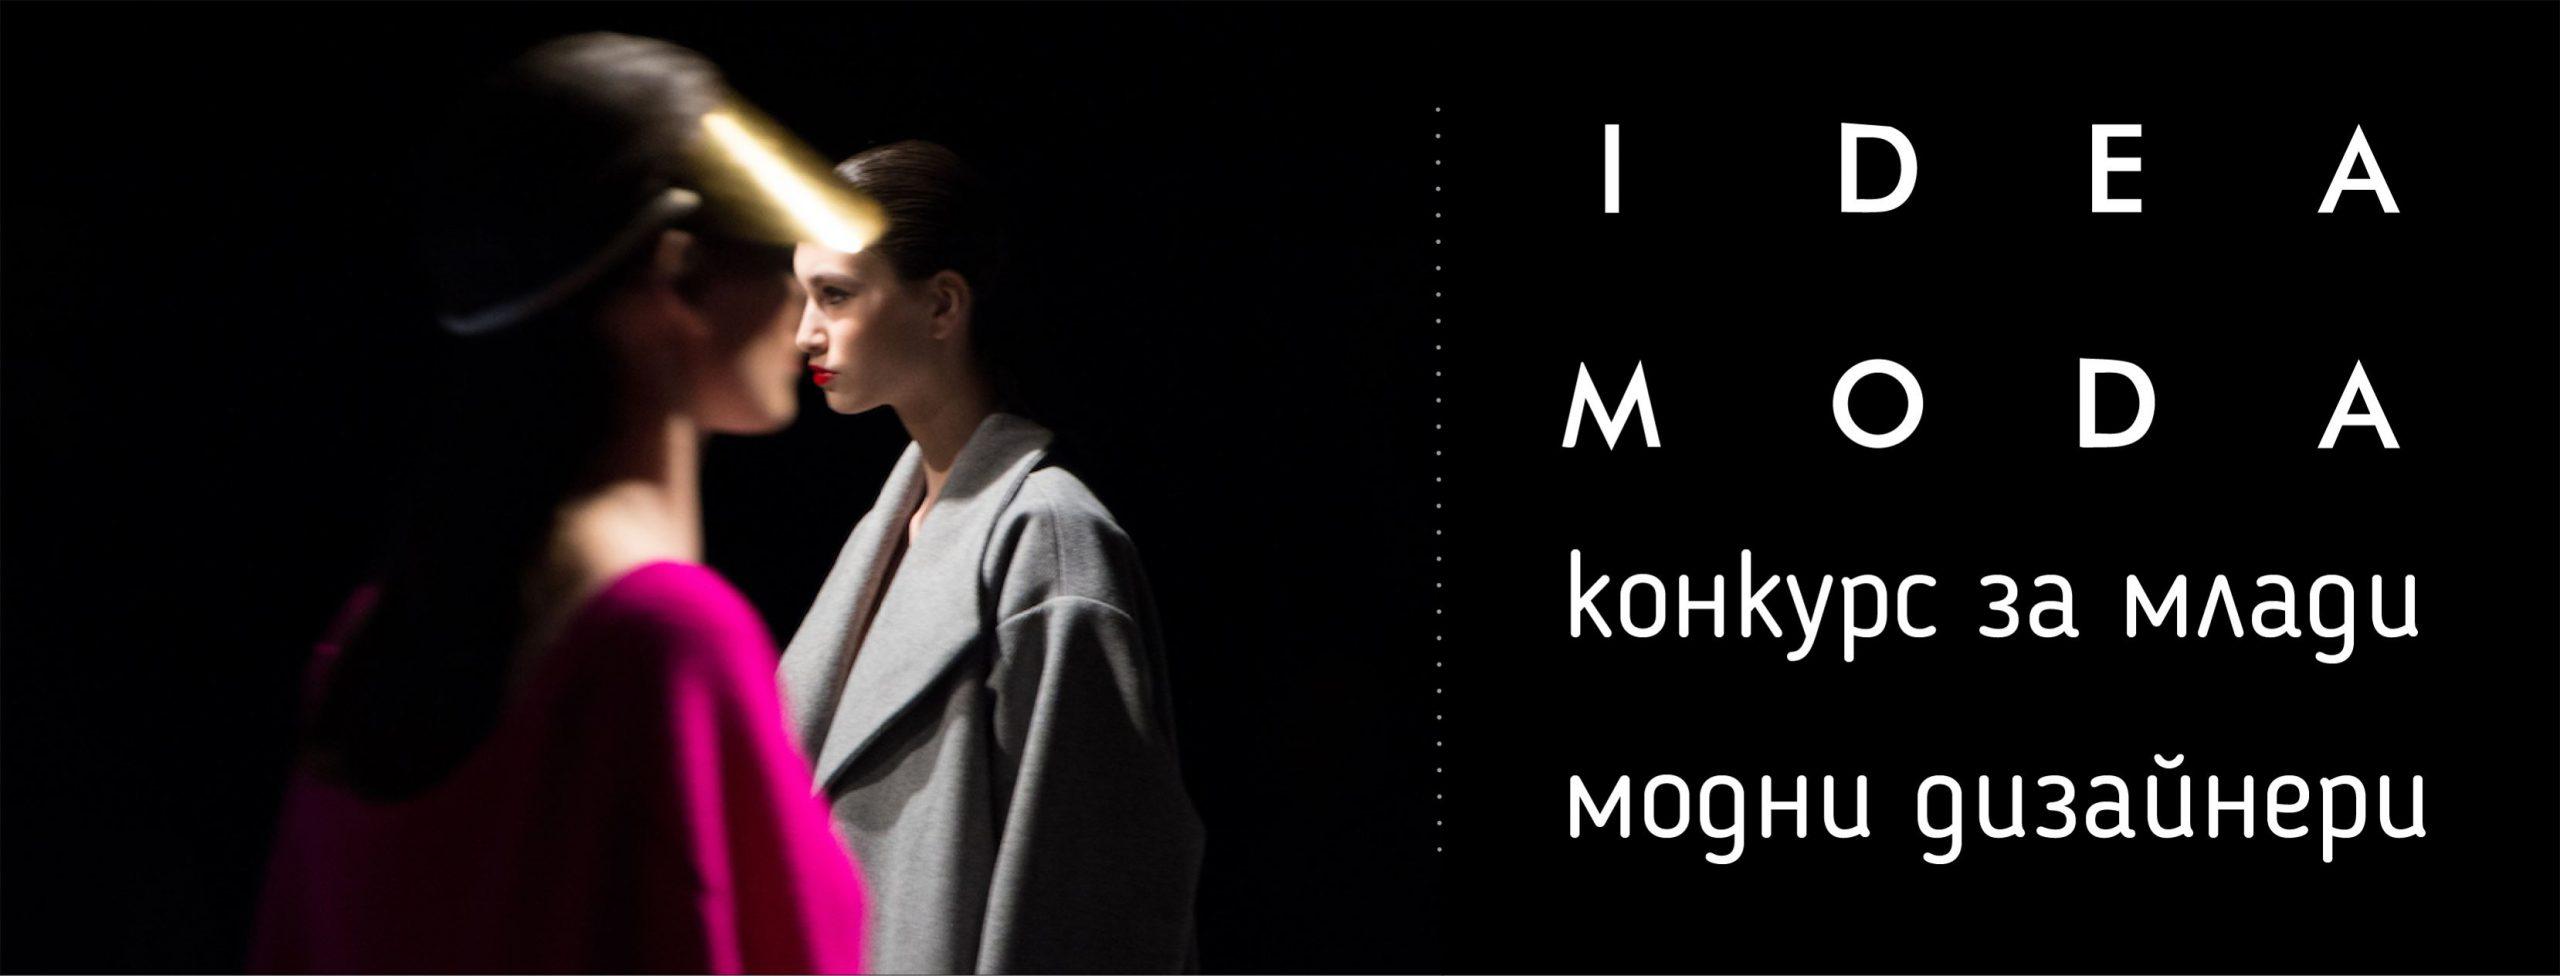 Студенти по мода от НБУ и НХА са големите победители в Конкурса IDEAMODA 27